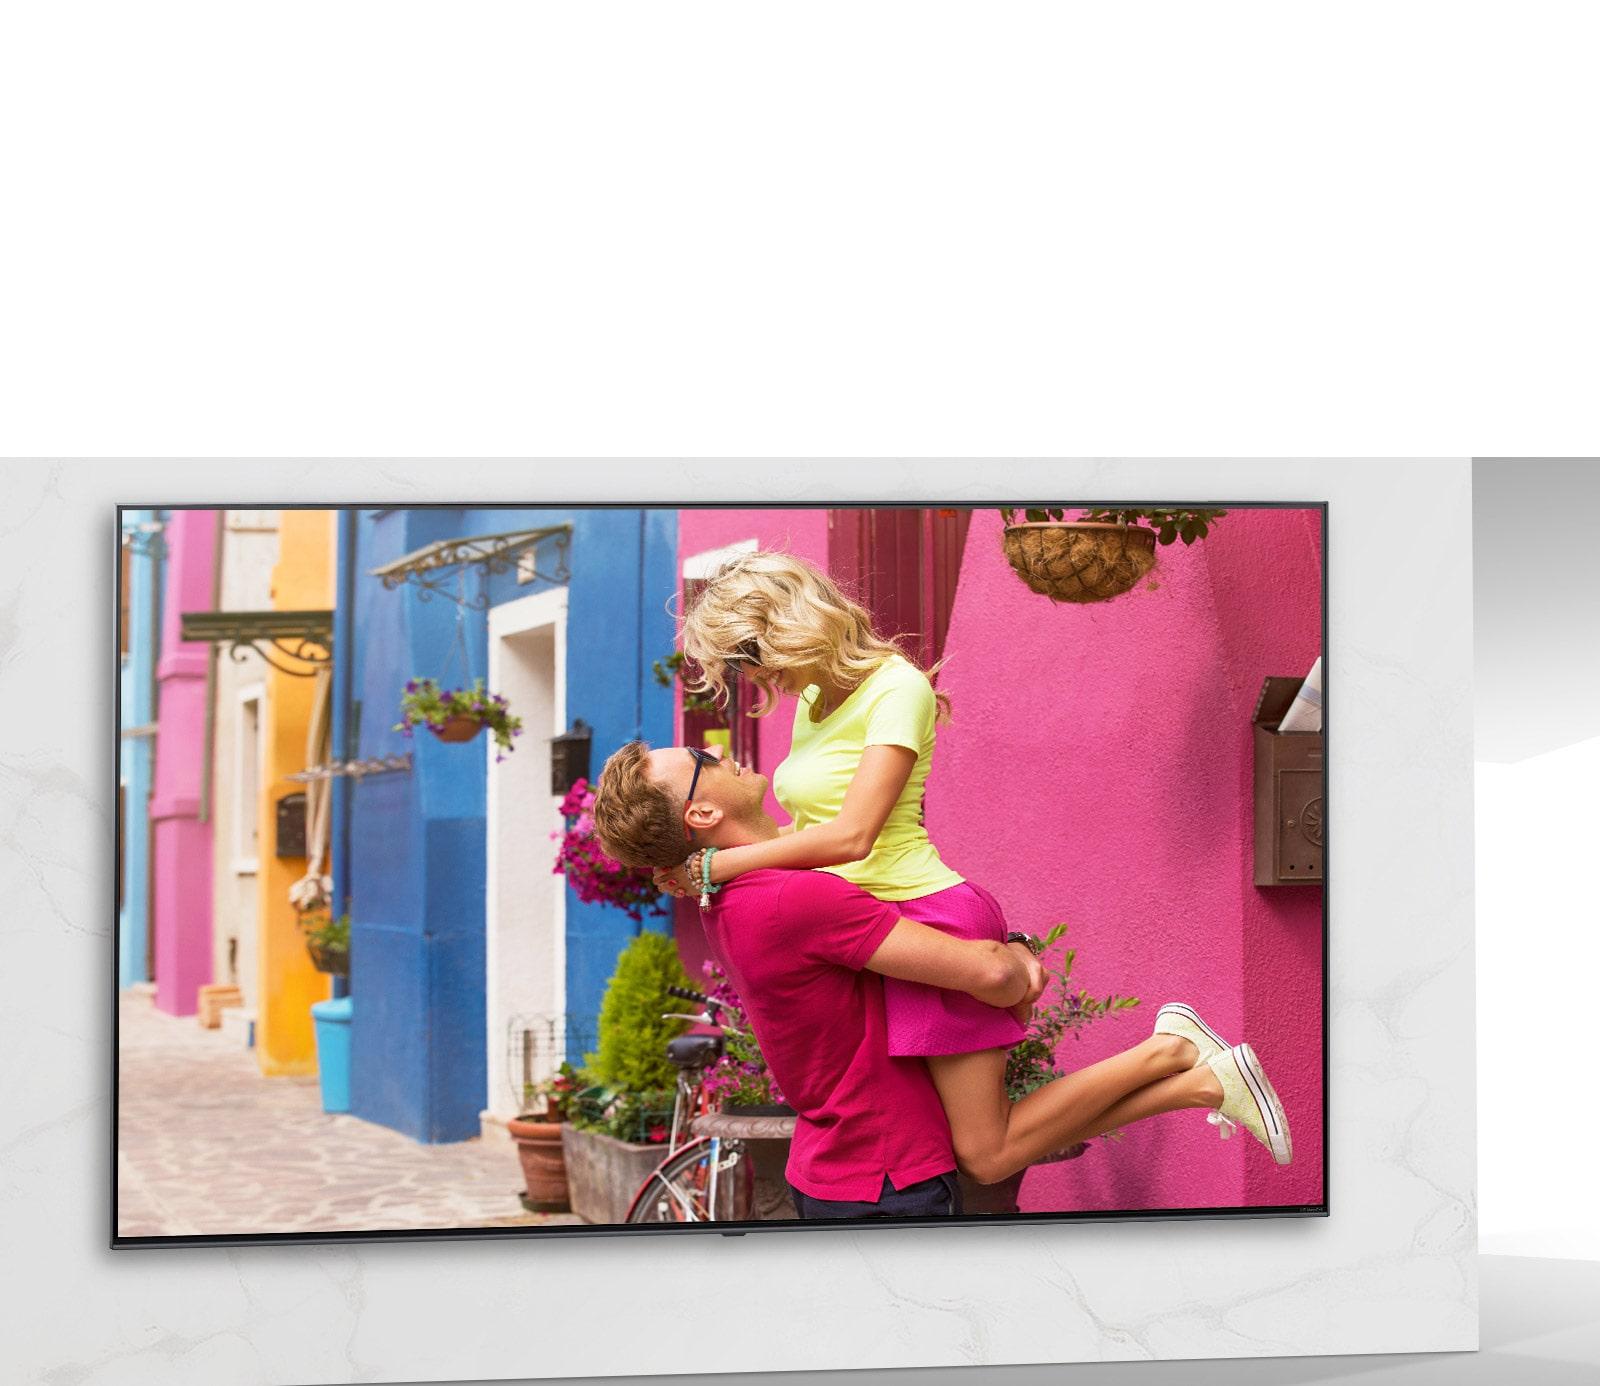 מסך טלוויזיה המציג סצנה מסרט רומנטי שבה אשה וגבר מתחבקים.